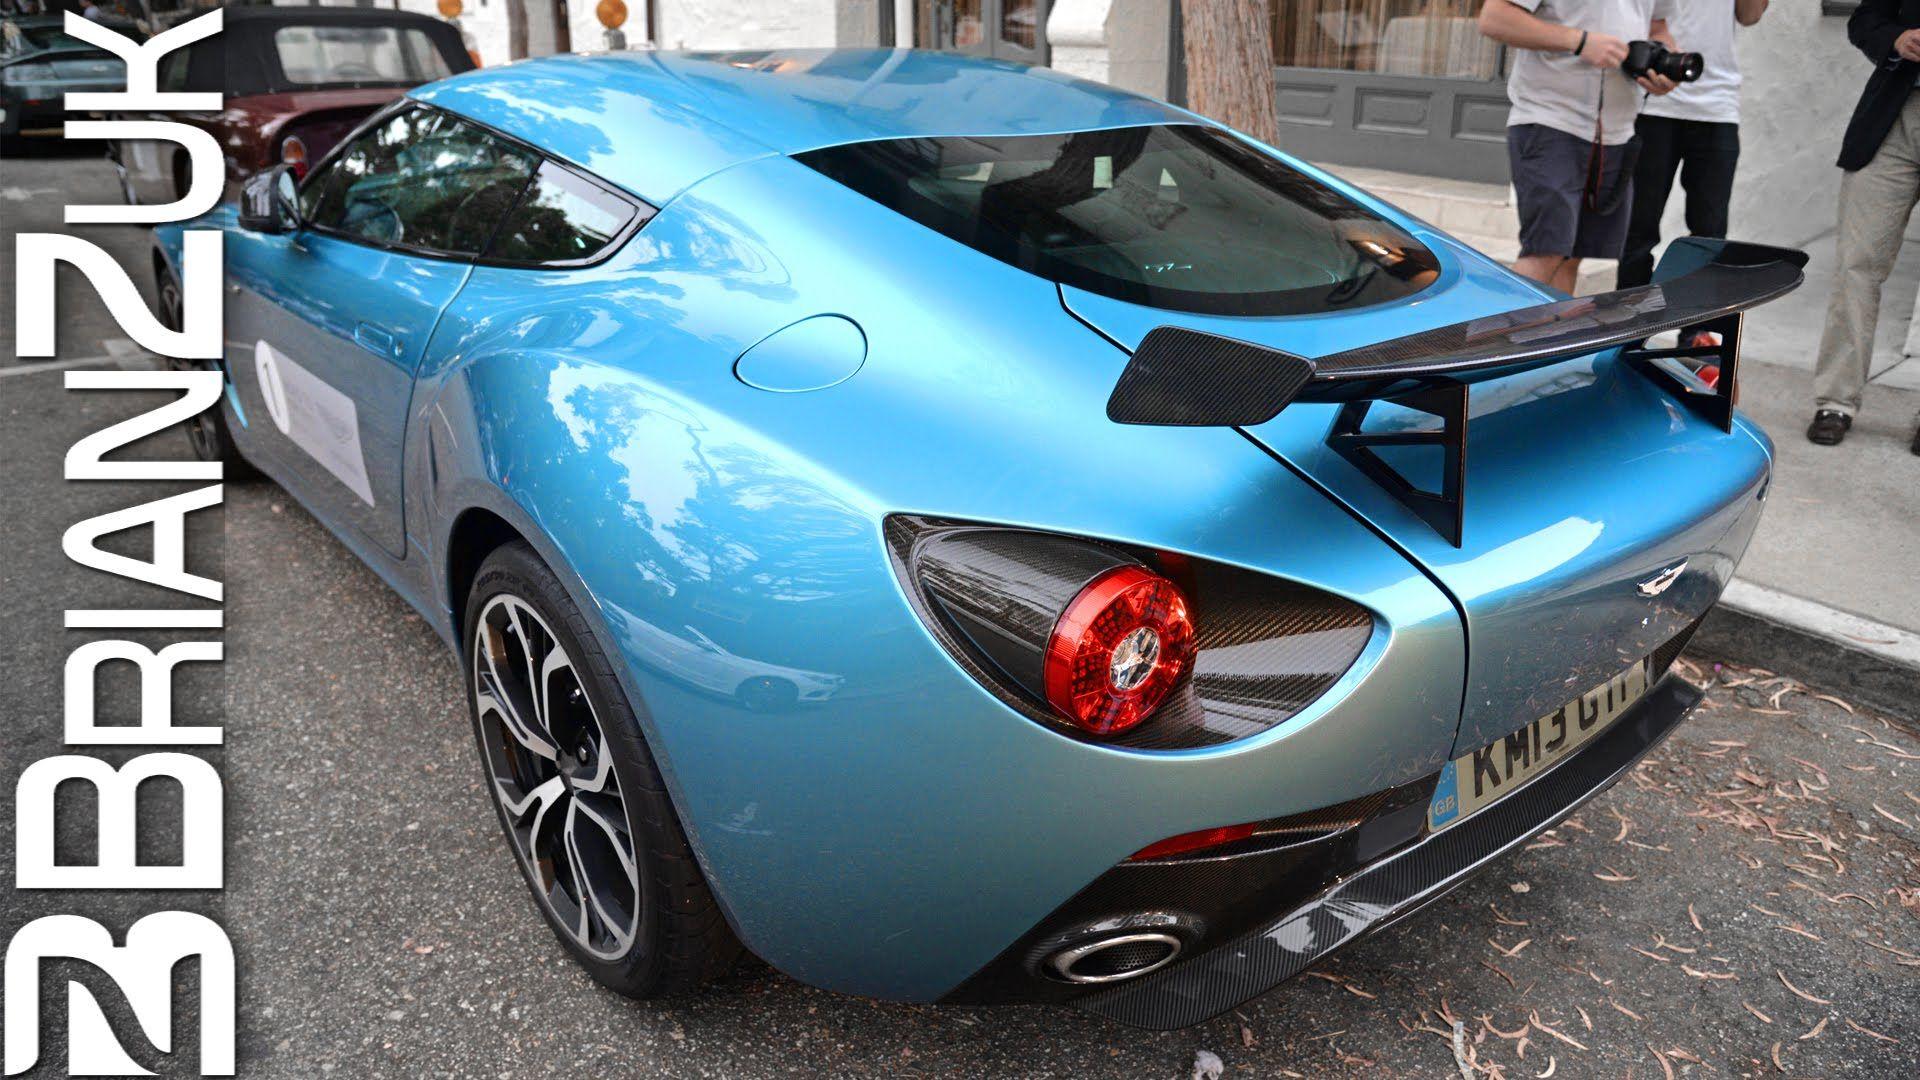 Δείτε τη σπάνια Aston Martin V12 Zagato από ποΠύ κοντά